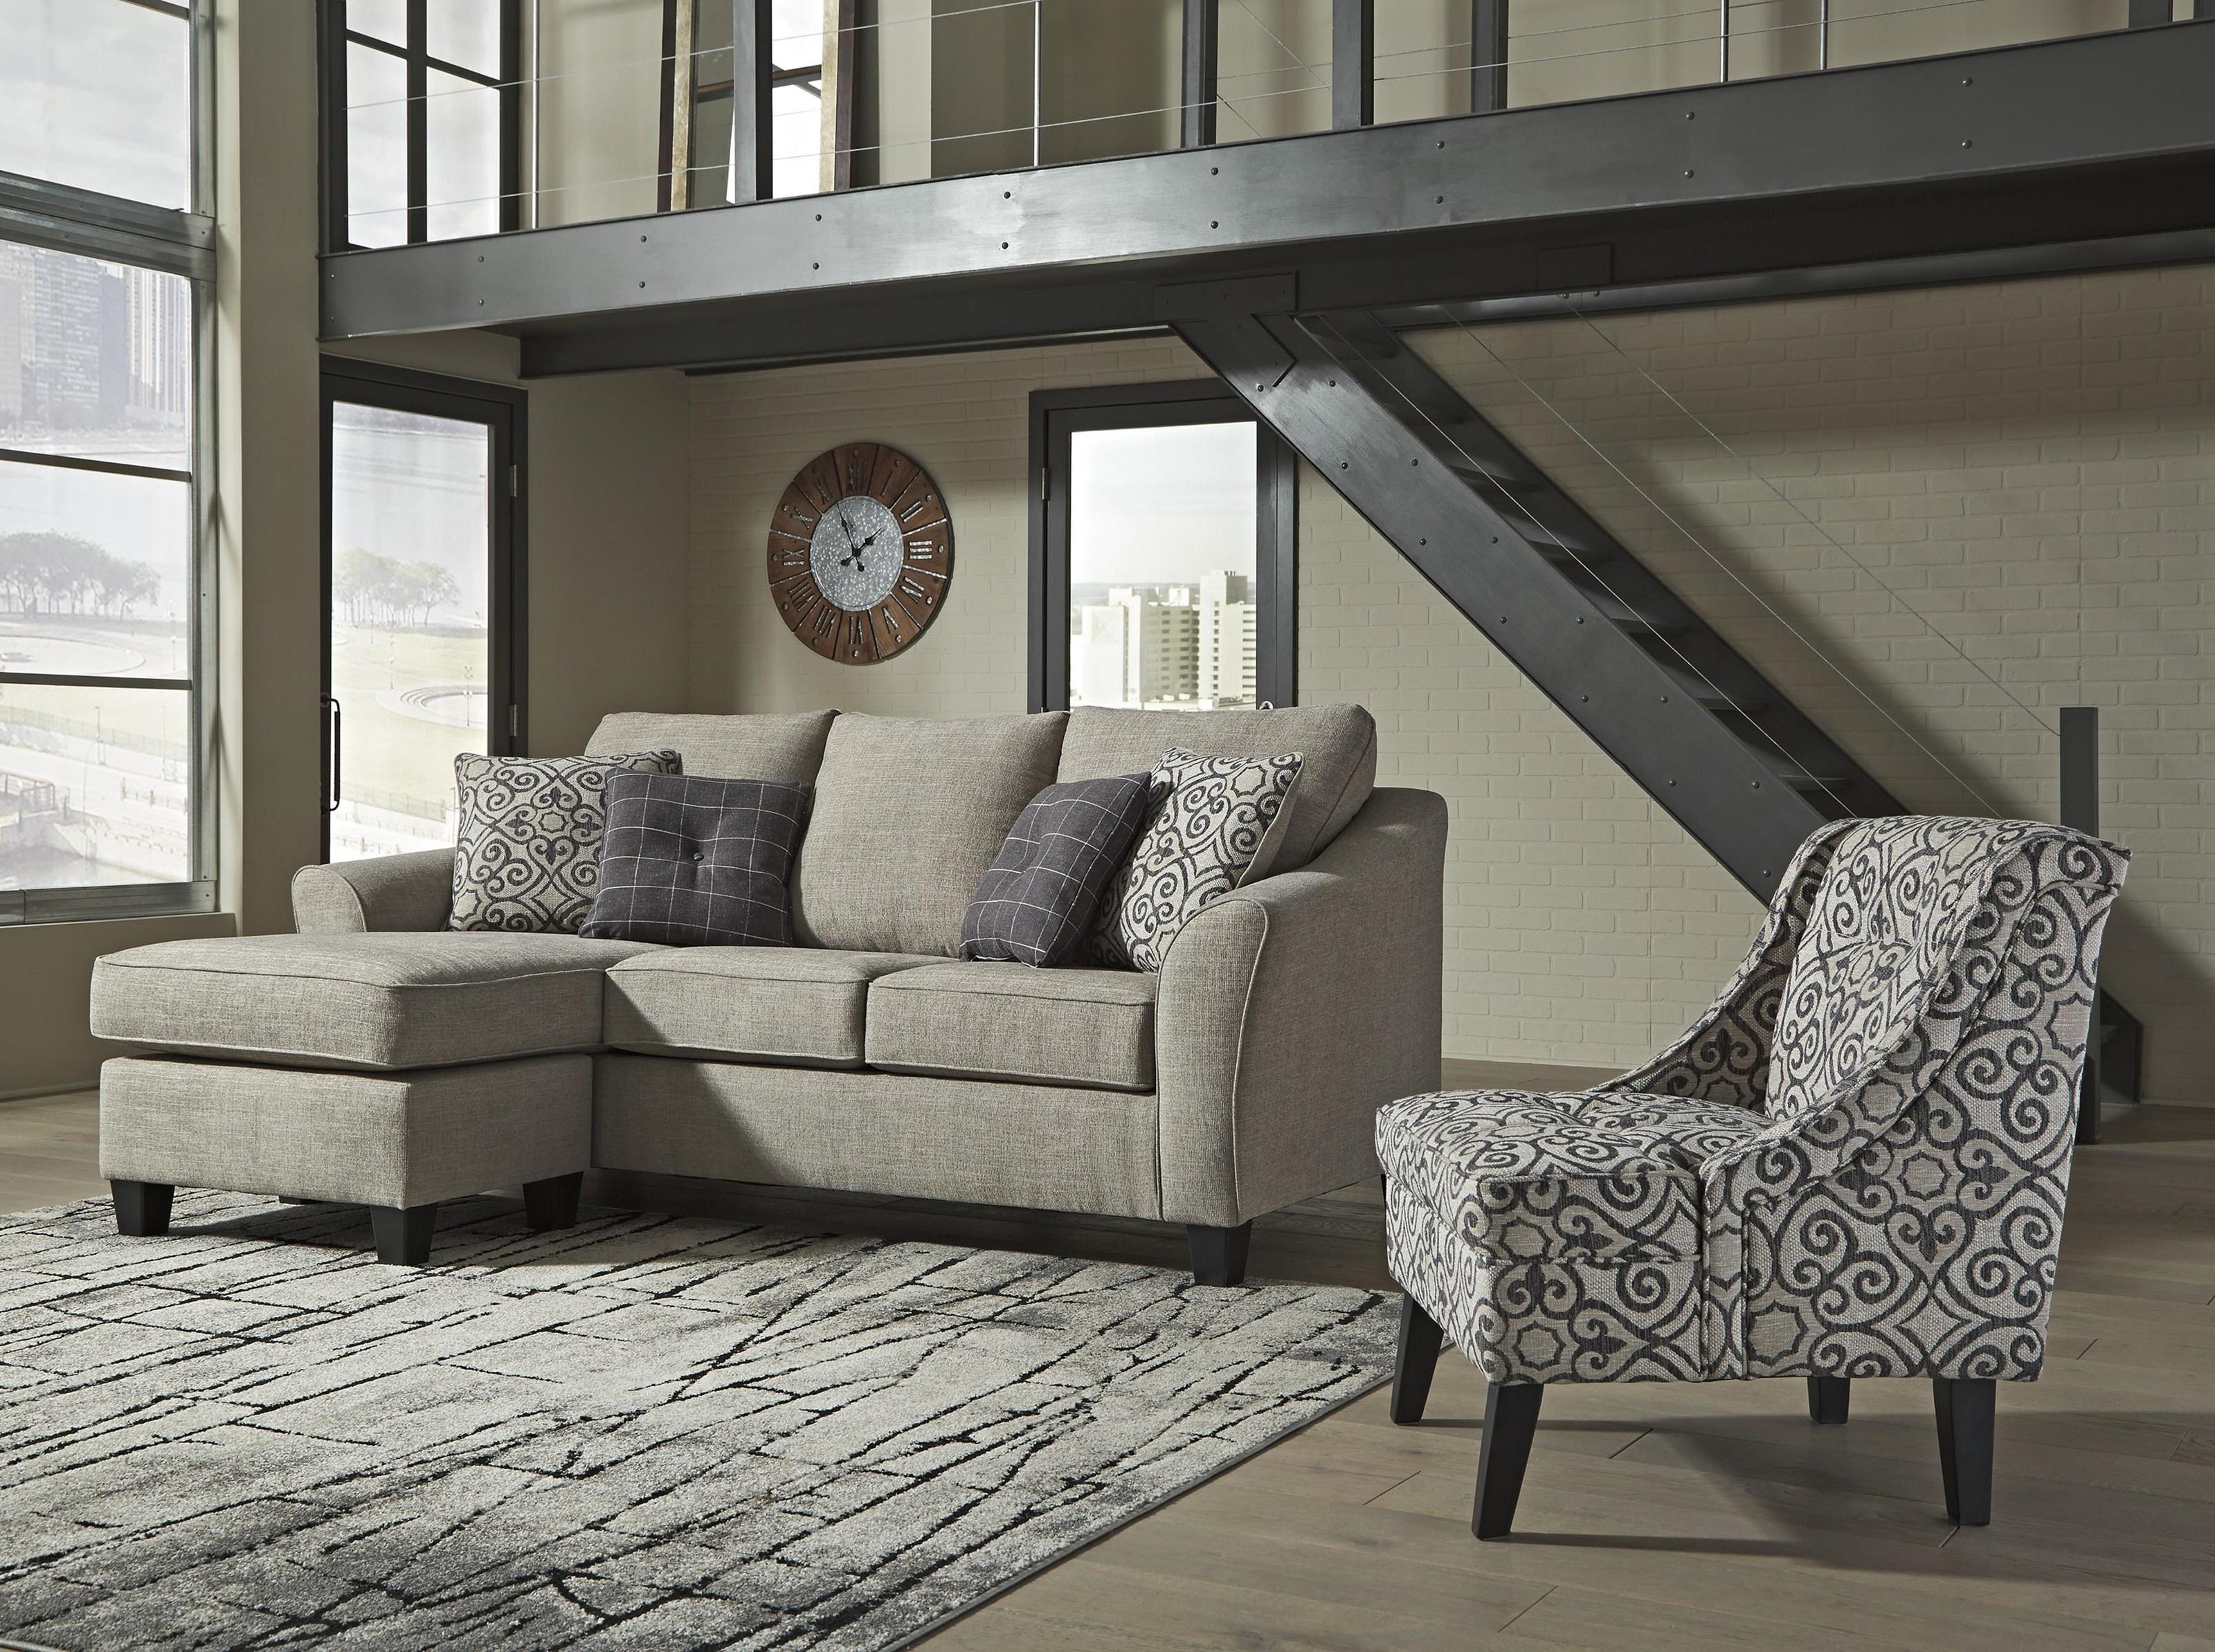 Kestrel 2 Piece Living Room Set by Ashley Furniture at Sam Levitz Outlet